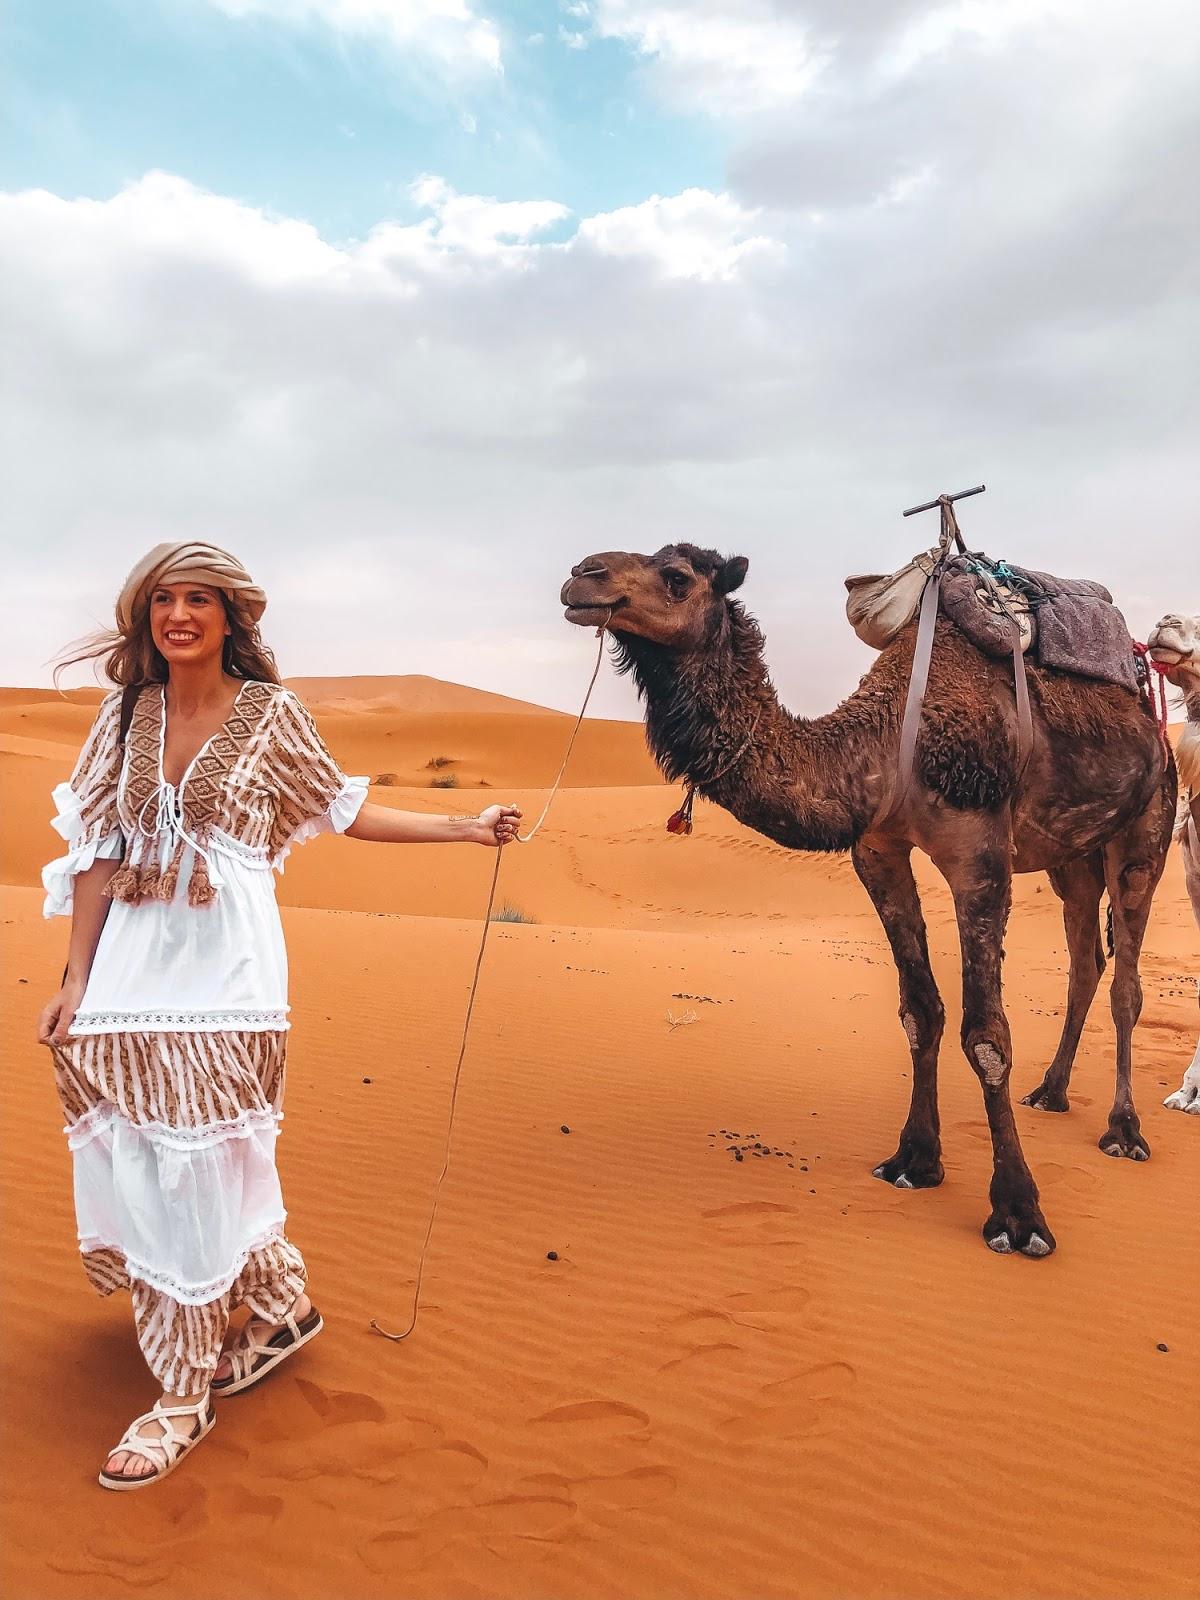 excursión al desierto de Mezouga Marruecos